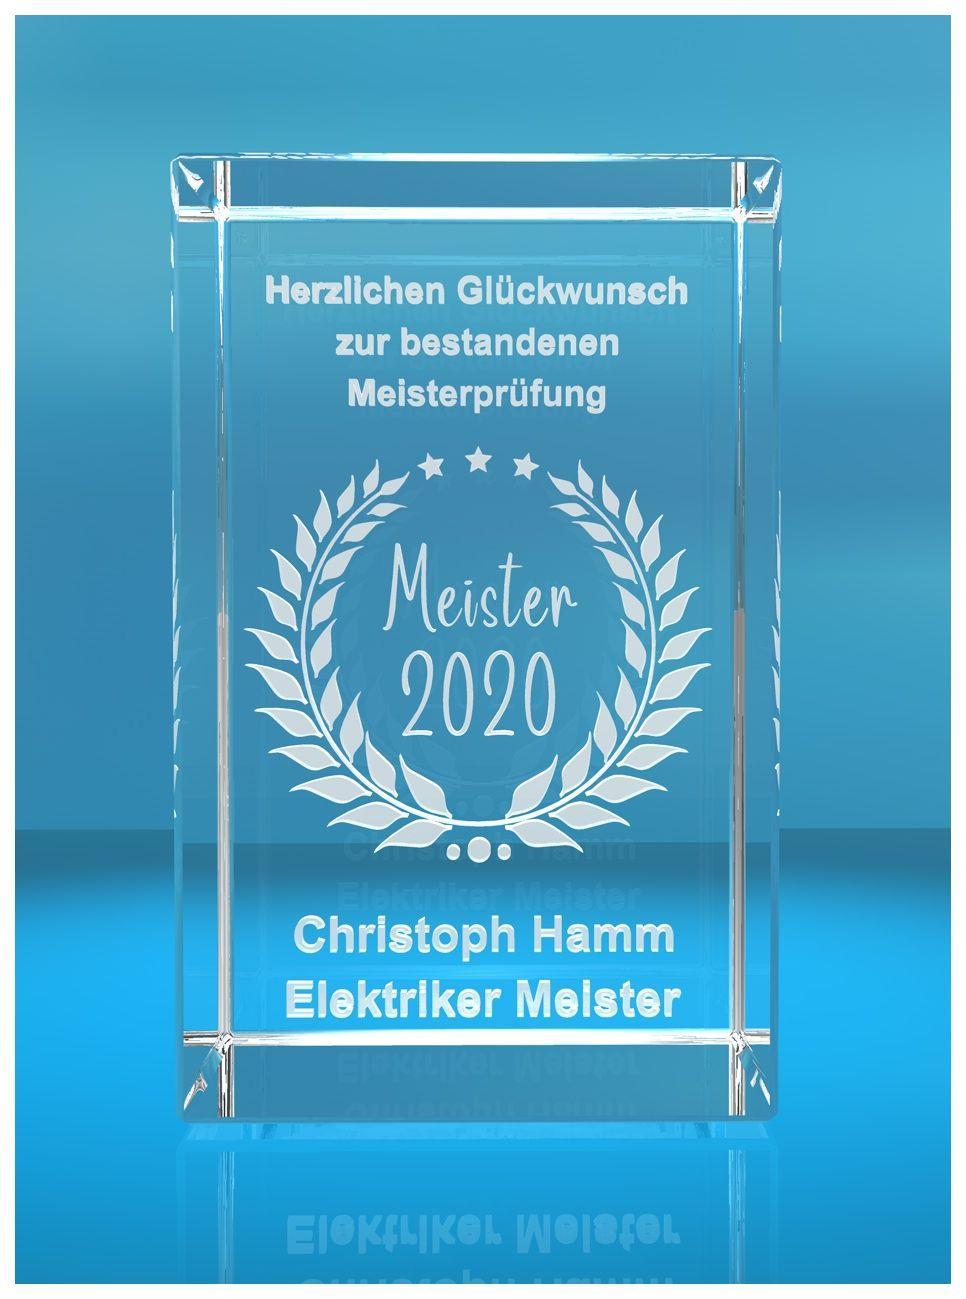 3D Glasquader   Meister 2020   Glückwunsch mit Wunschtext   Geschenk zur Meisterprüfung